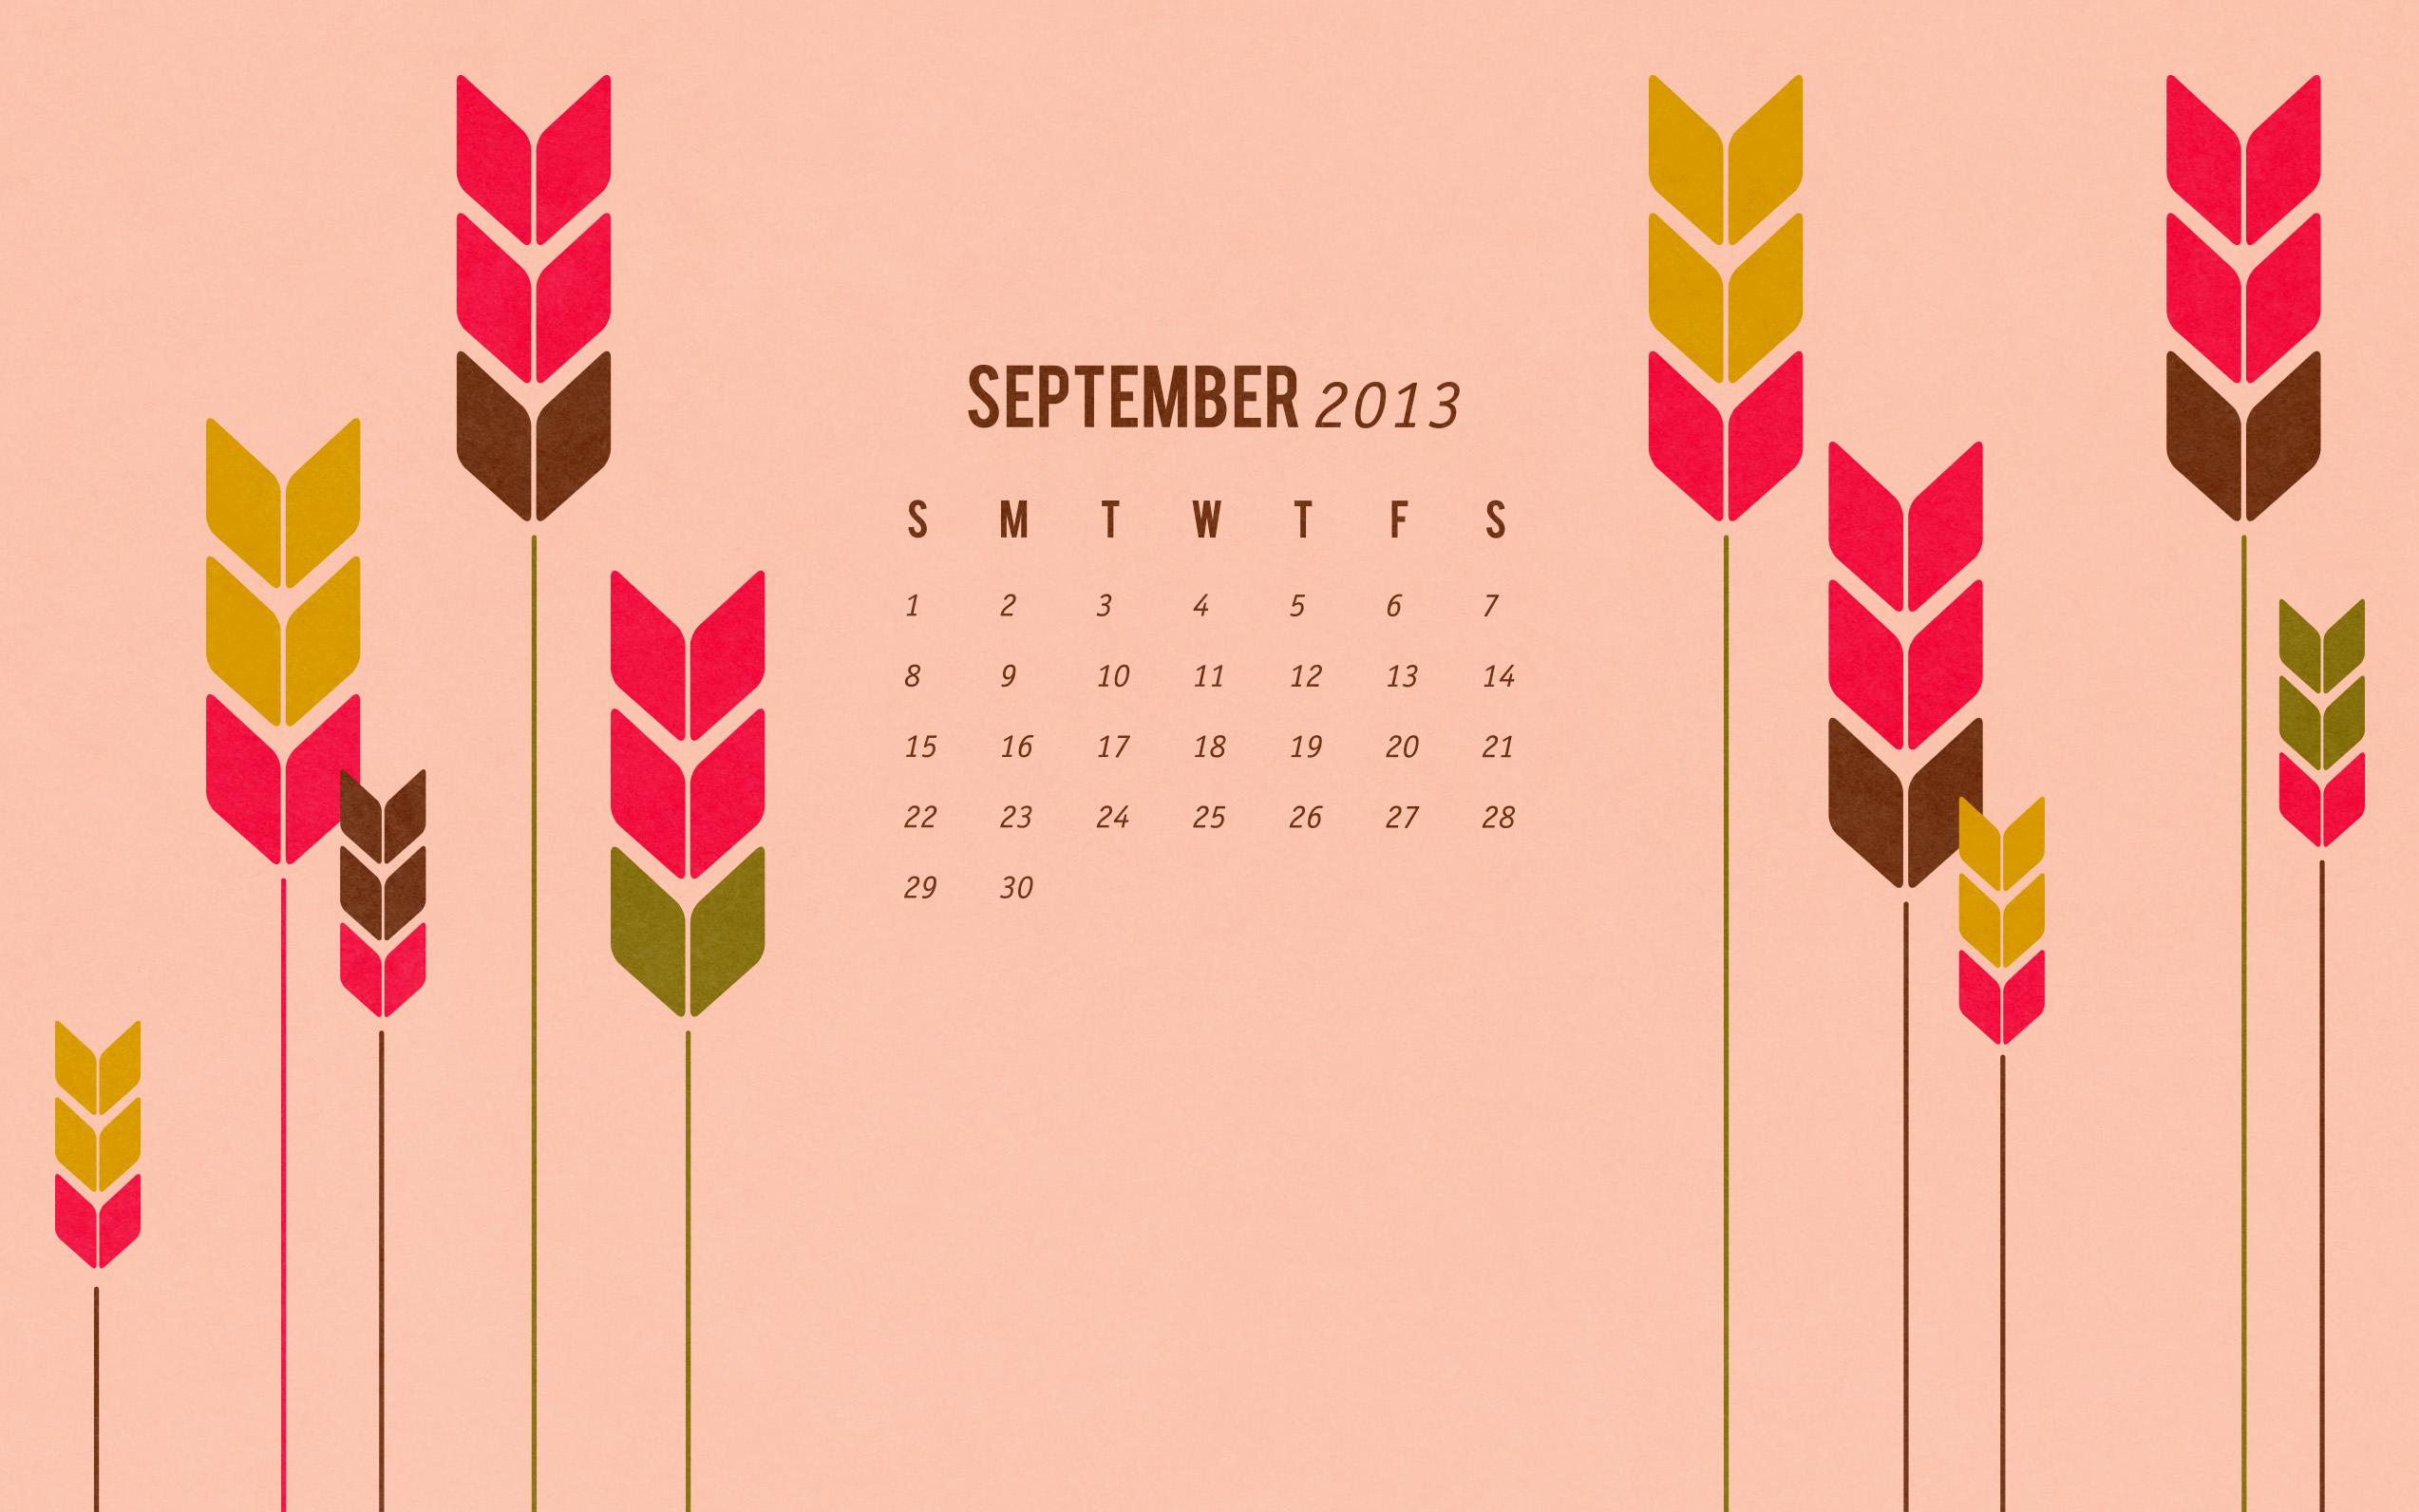 September 2013: September 2013 Calendar Wallpaper